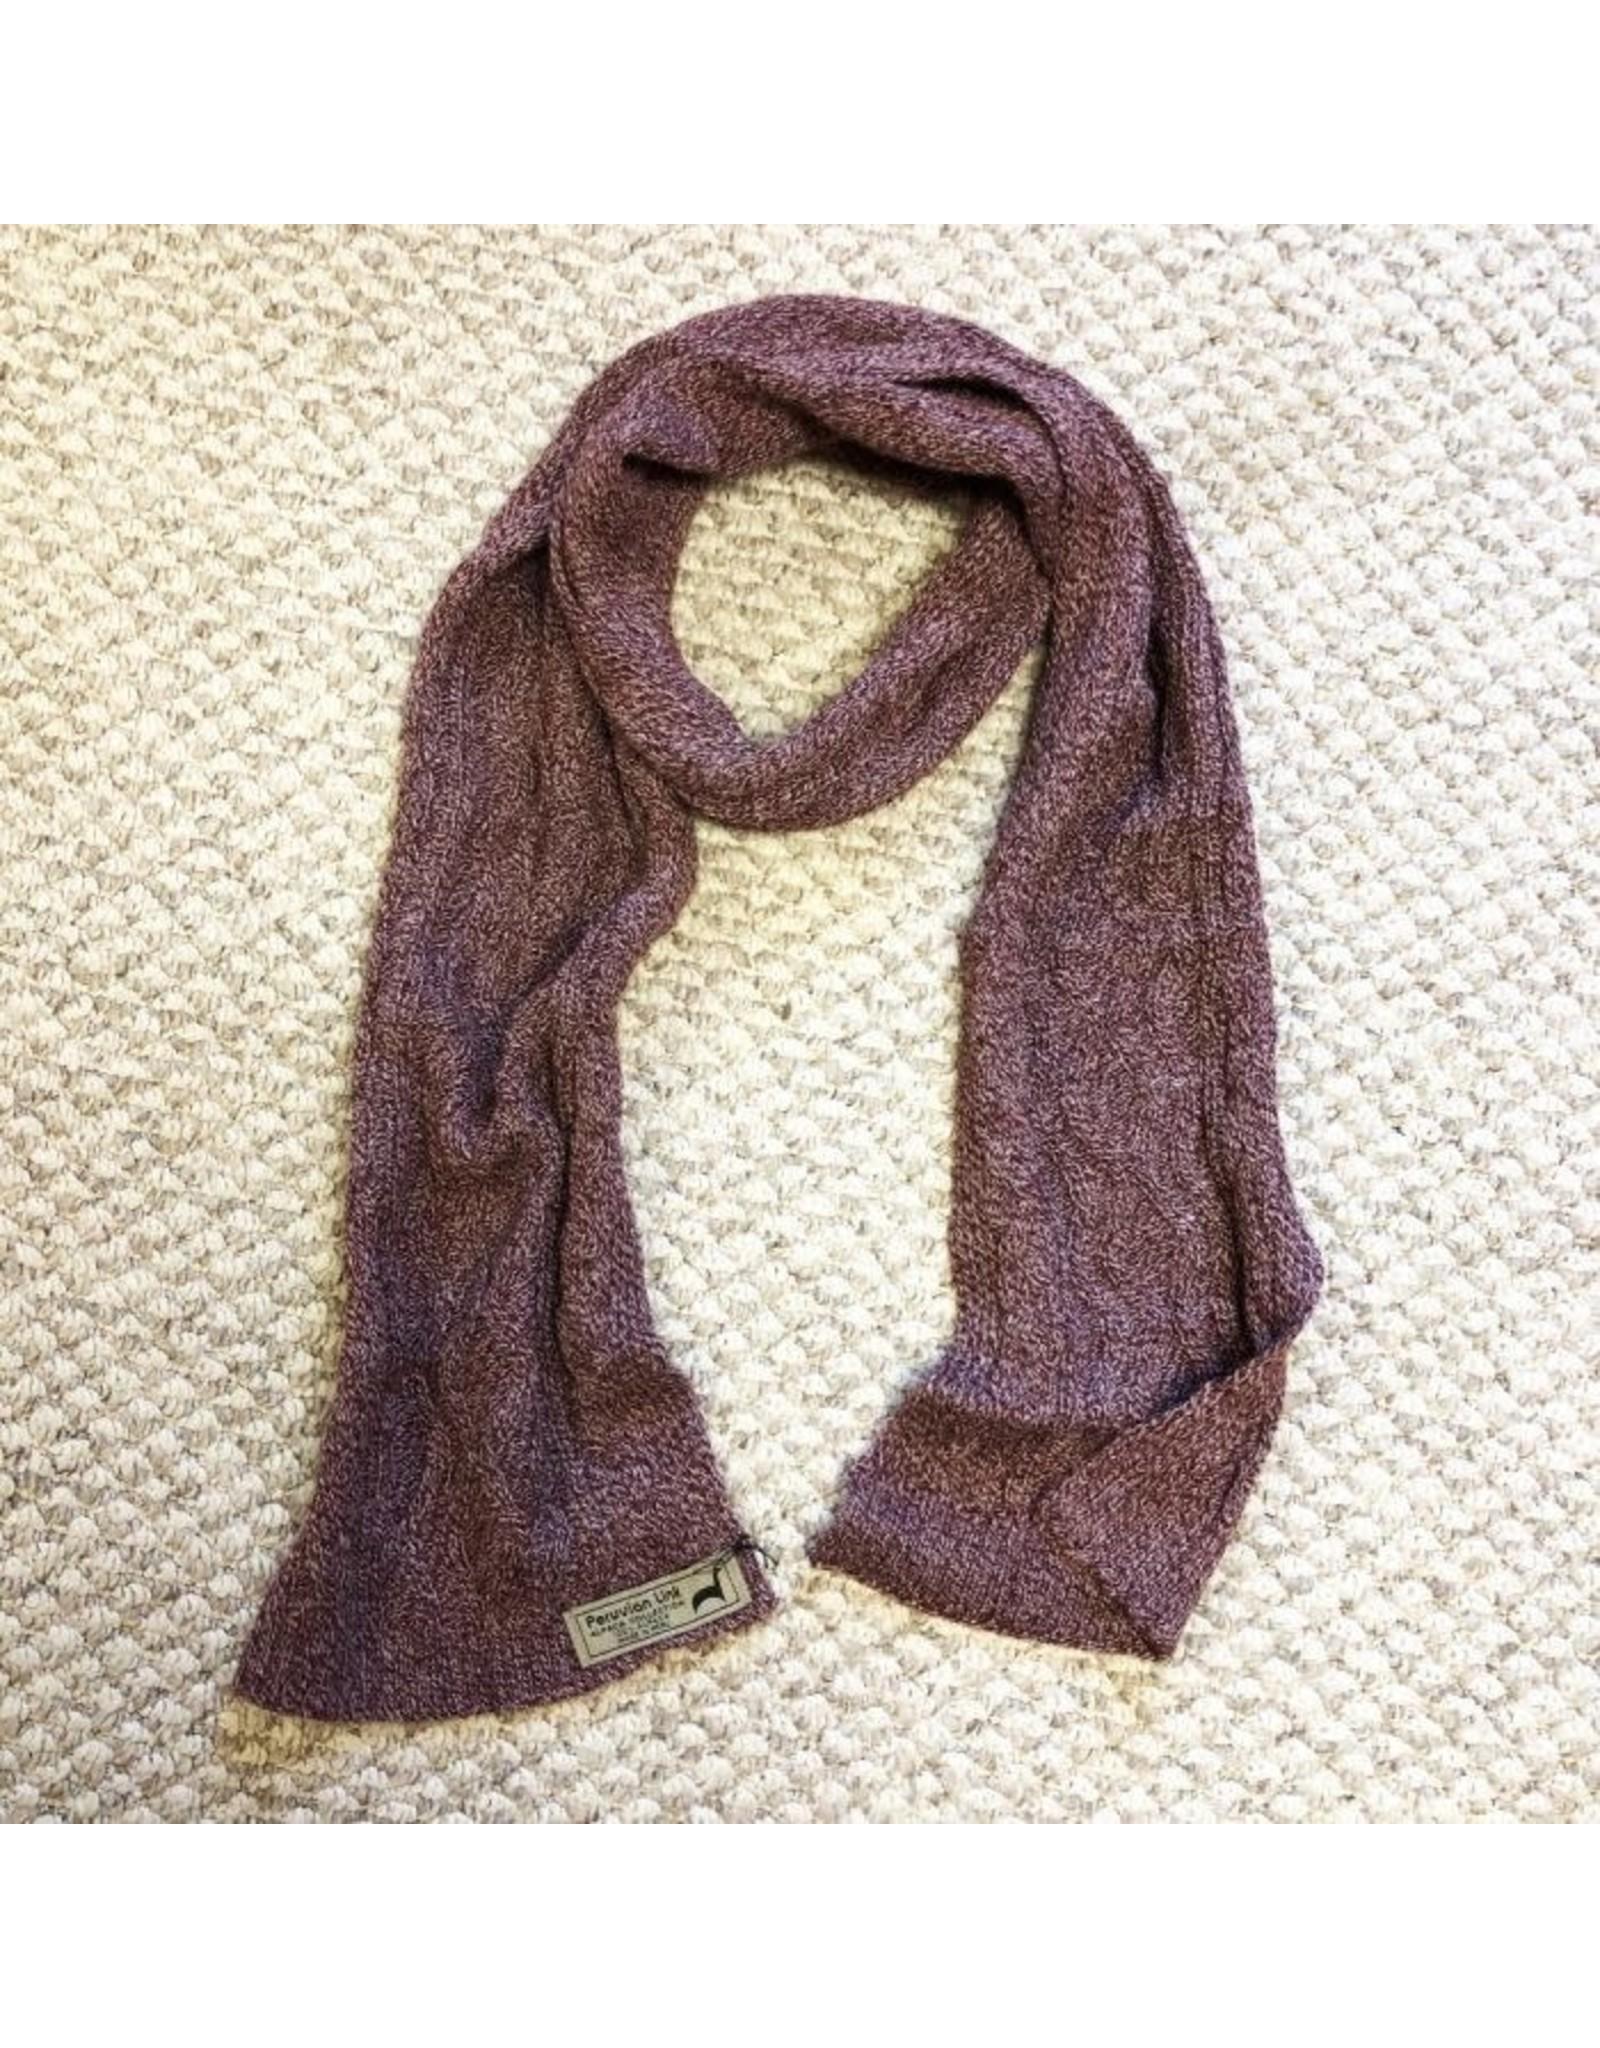 Collegiate Alpaca scarf